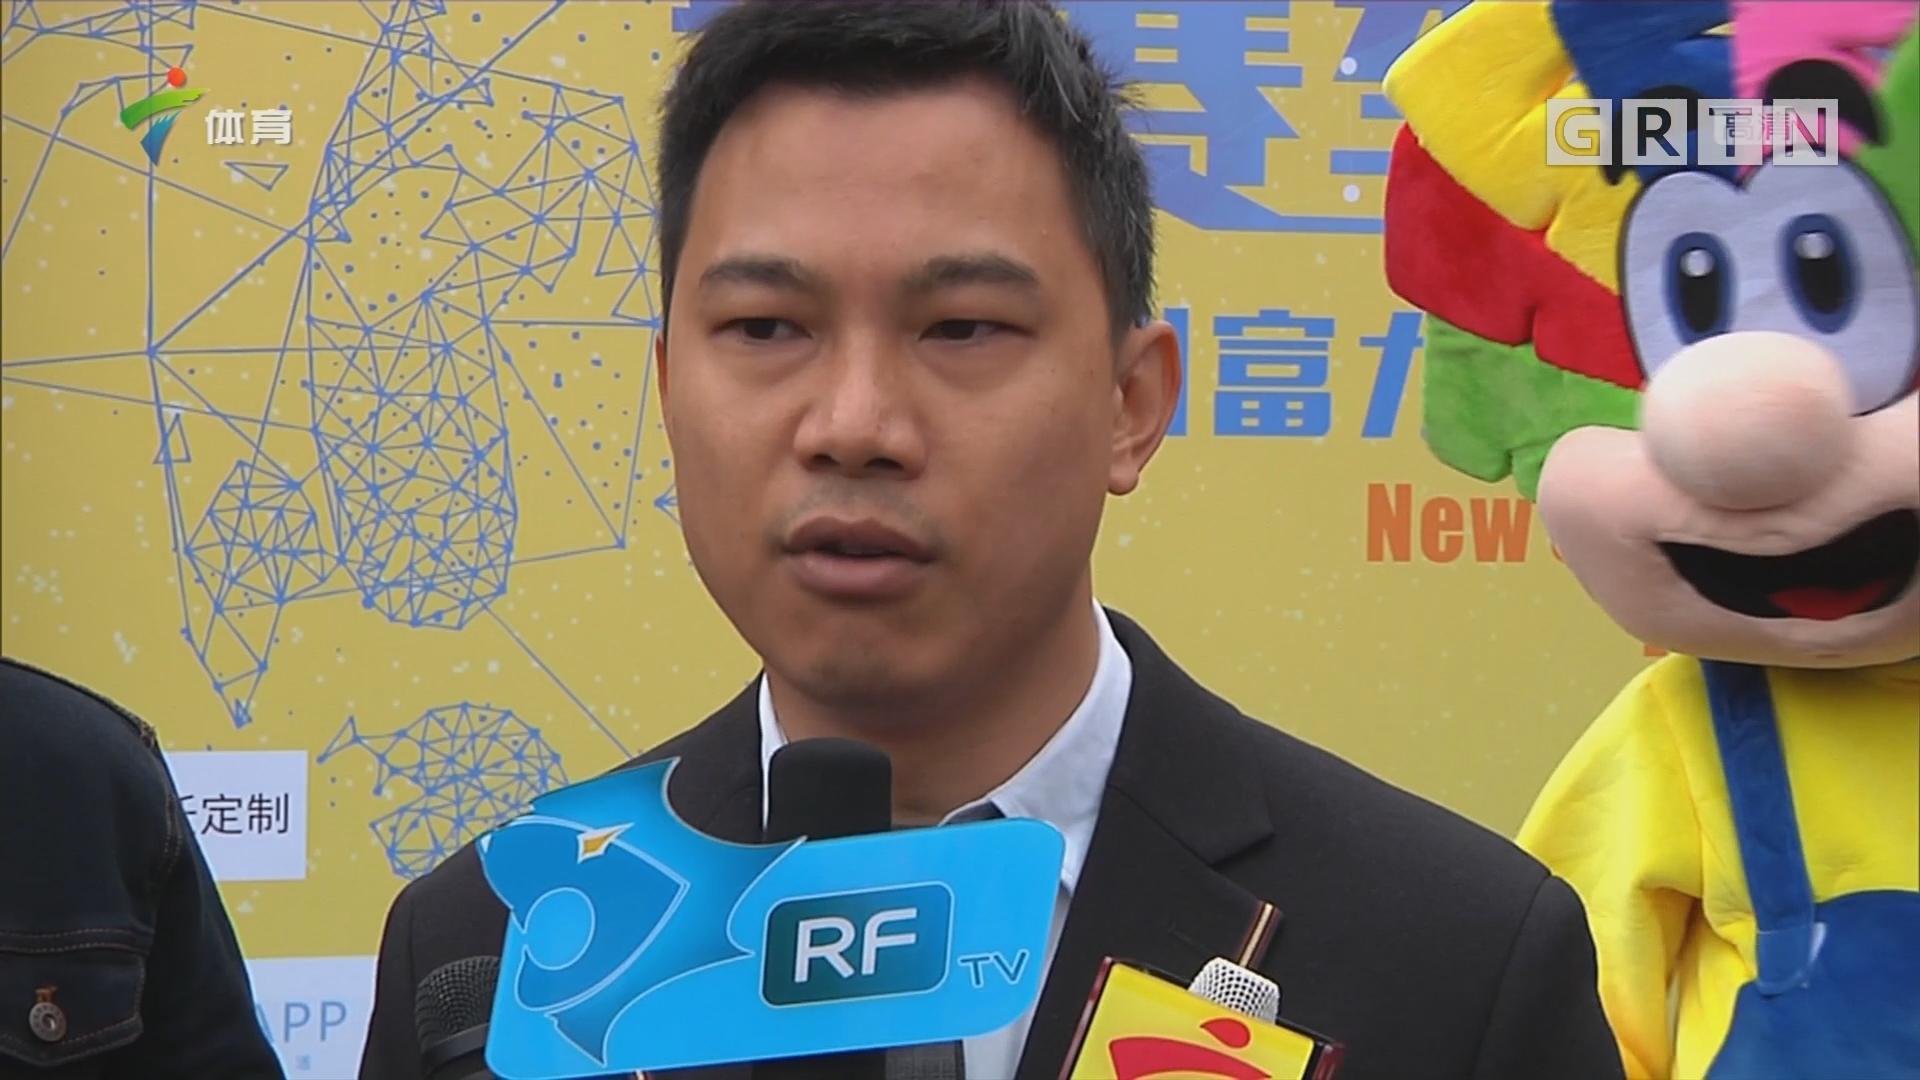 广州富力 新赛季期待更多可能